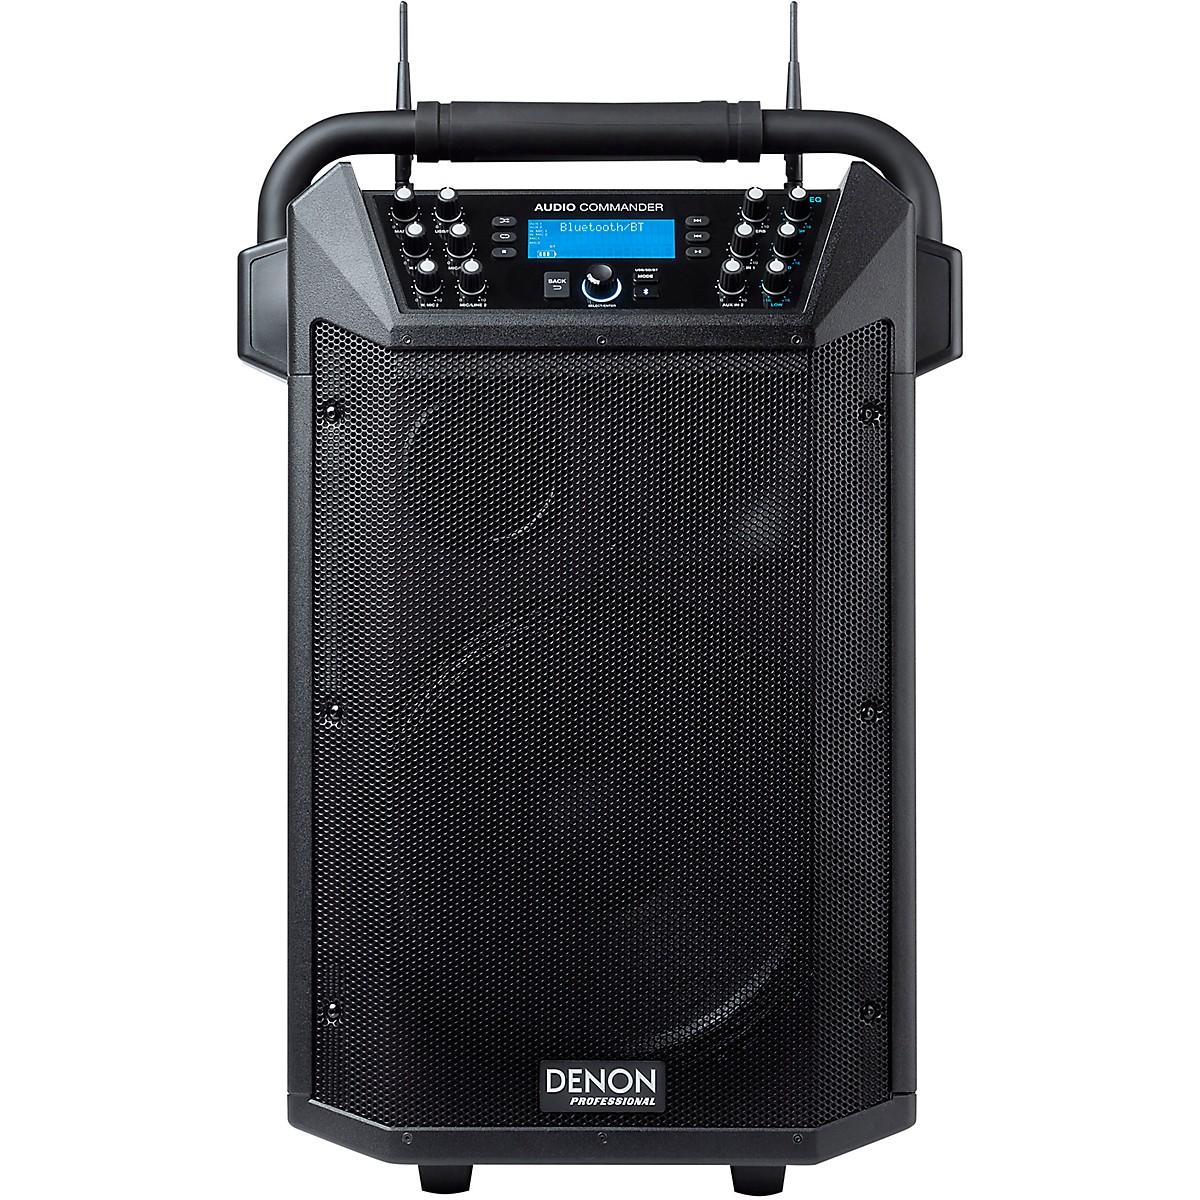 Denon Professional Audio Commander 200W Wireless Mobile PA System